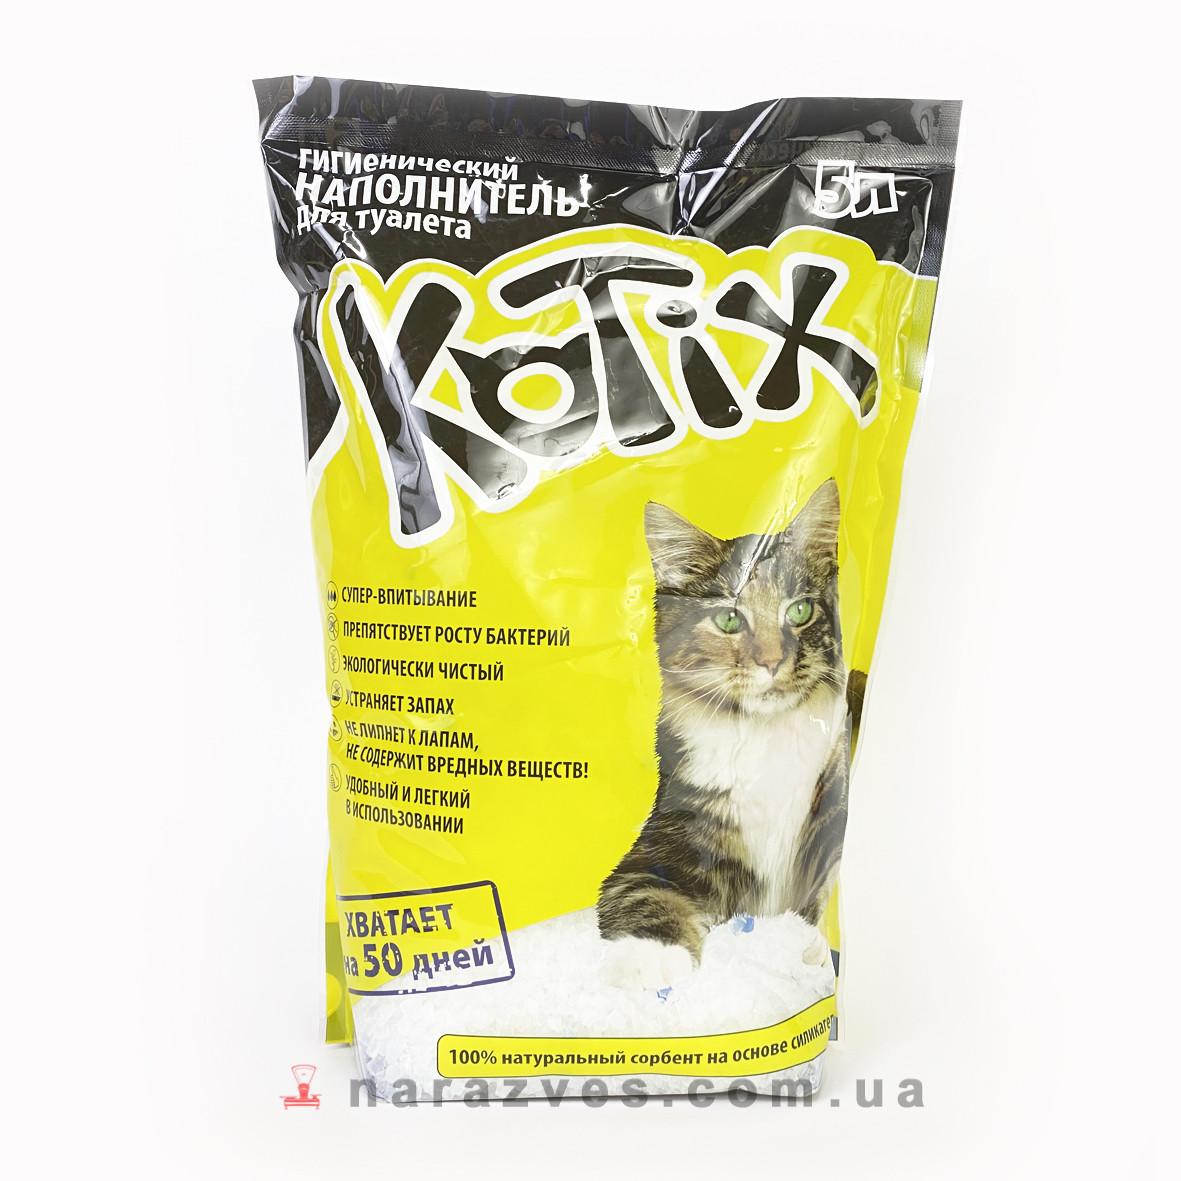 Силикагелевый наповнювач Kotix 5л